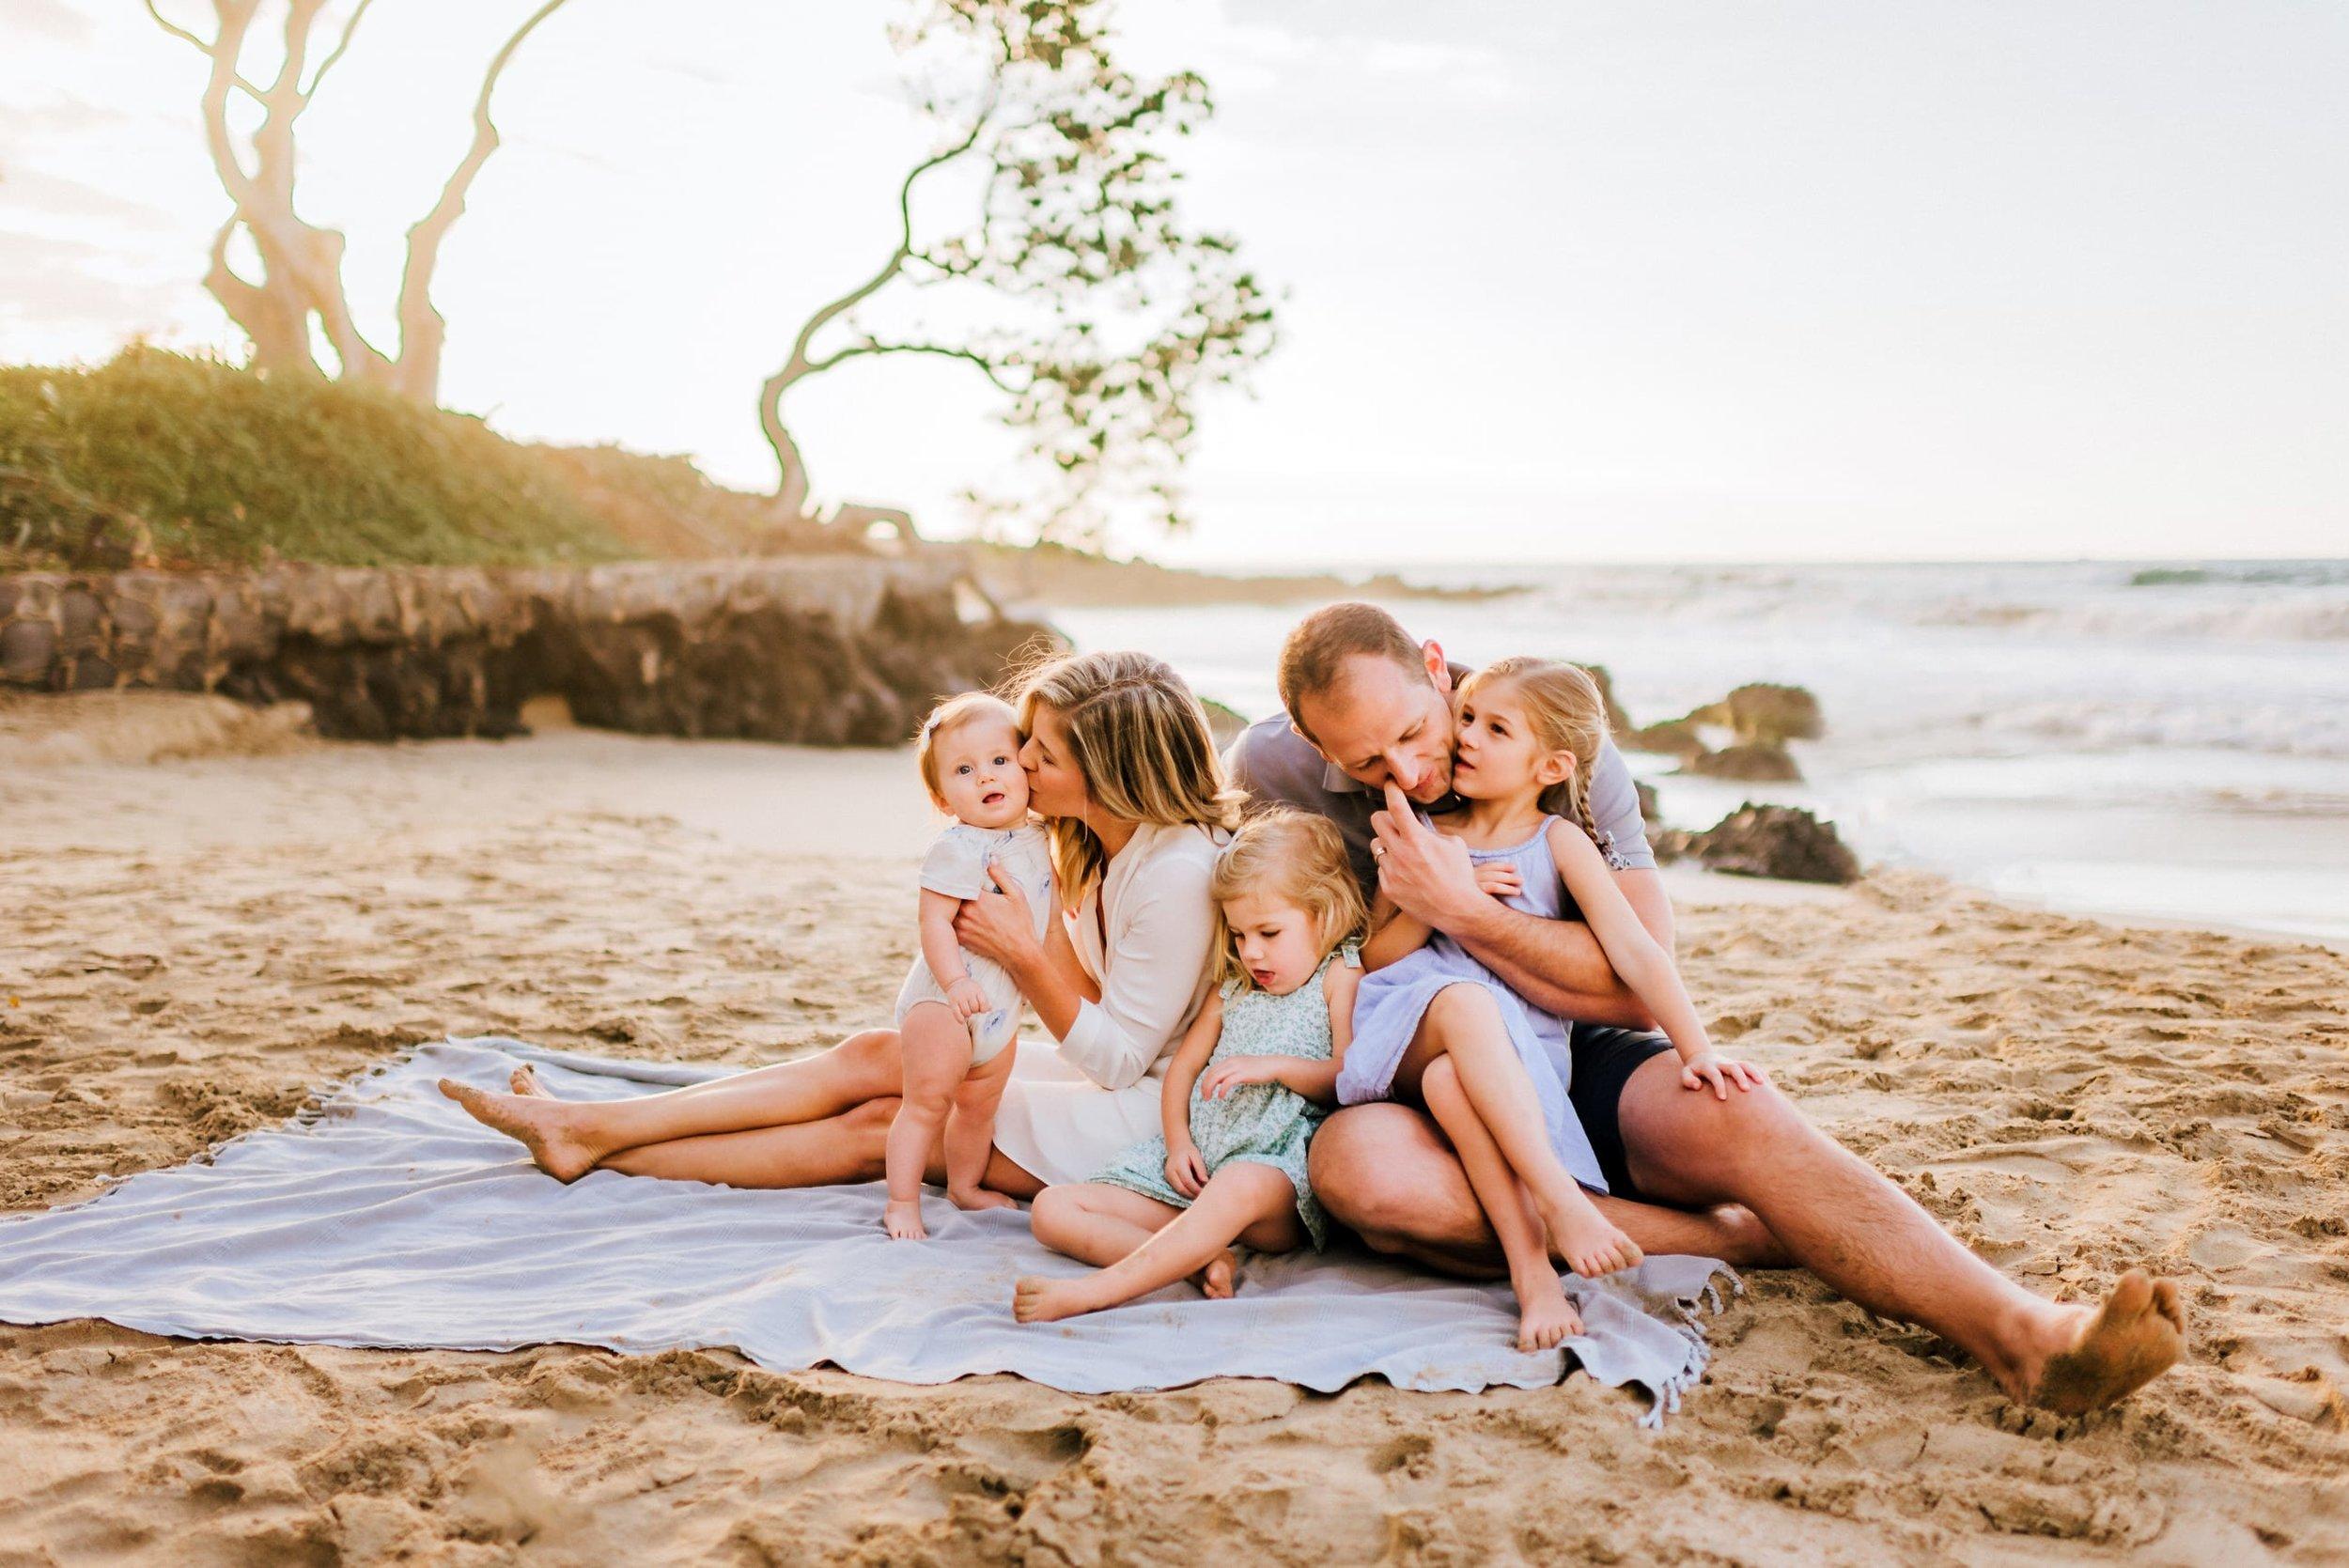 Mauna-Kea-Waikoloa-Family-Photographer-Hawaii-JW-6.jpg